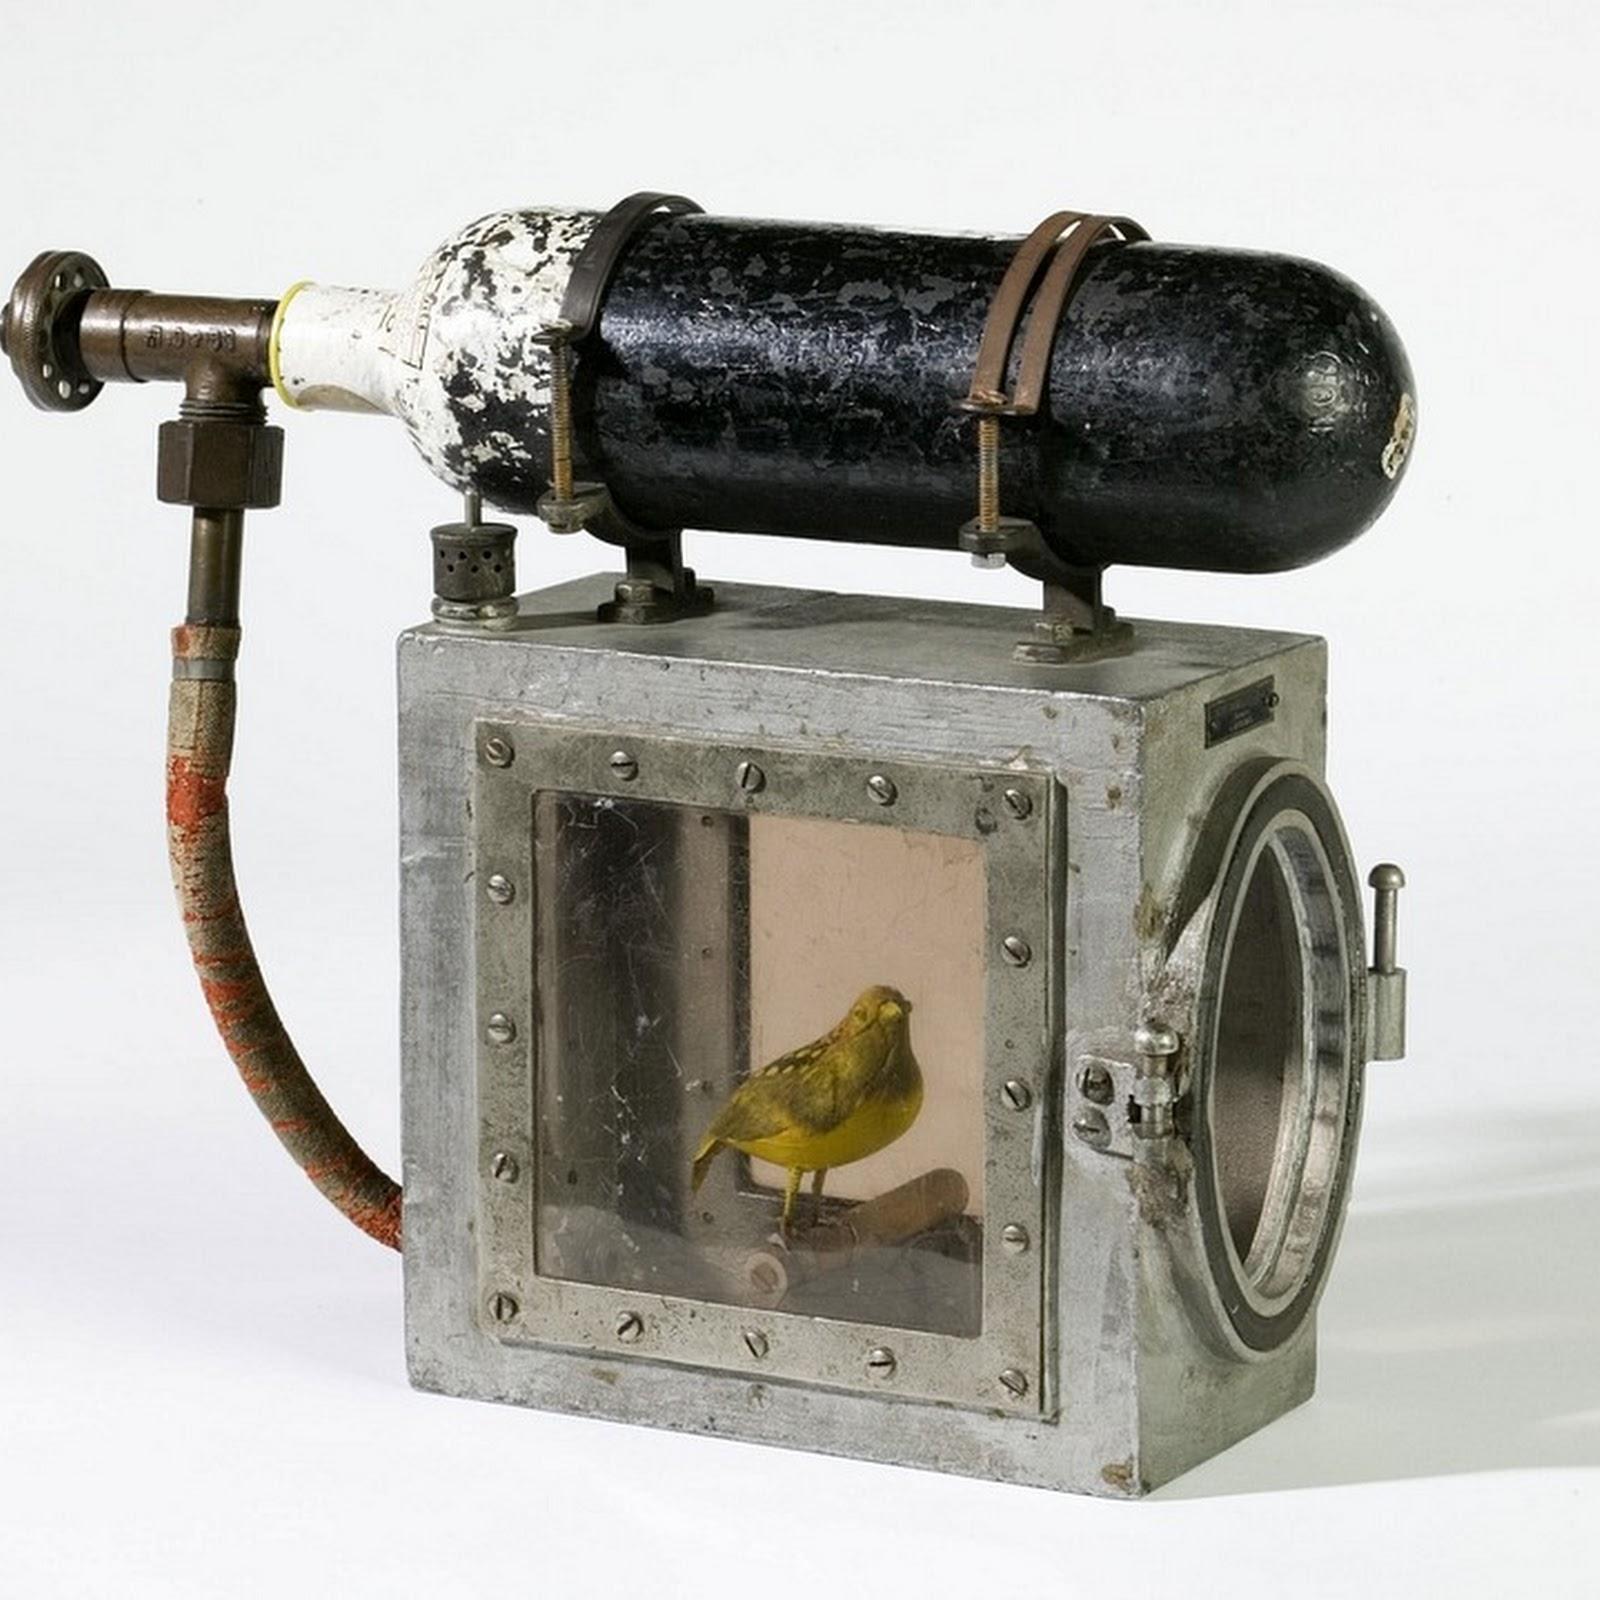 Canaries As Poisonous Gas Detectors